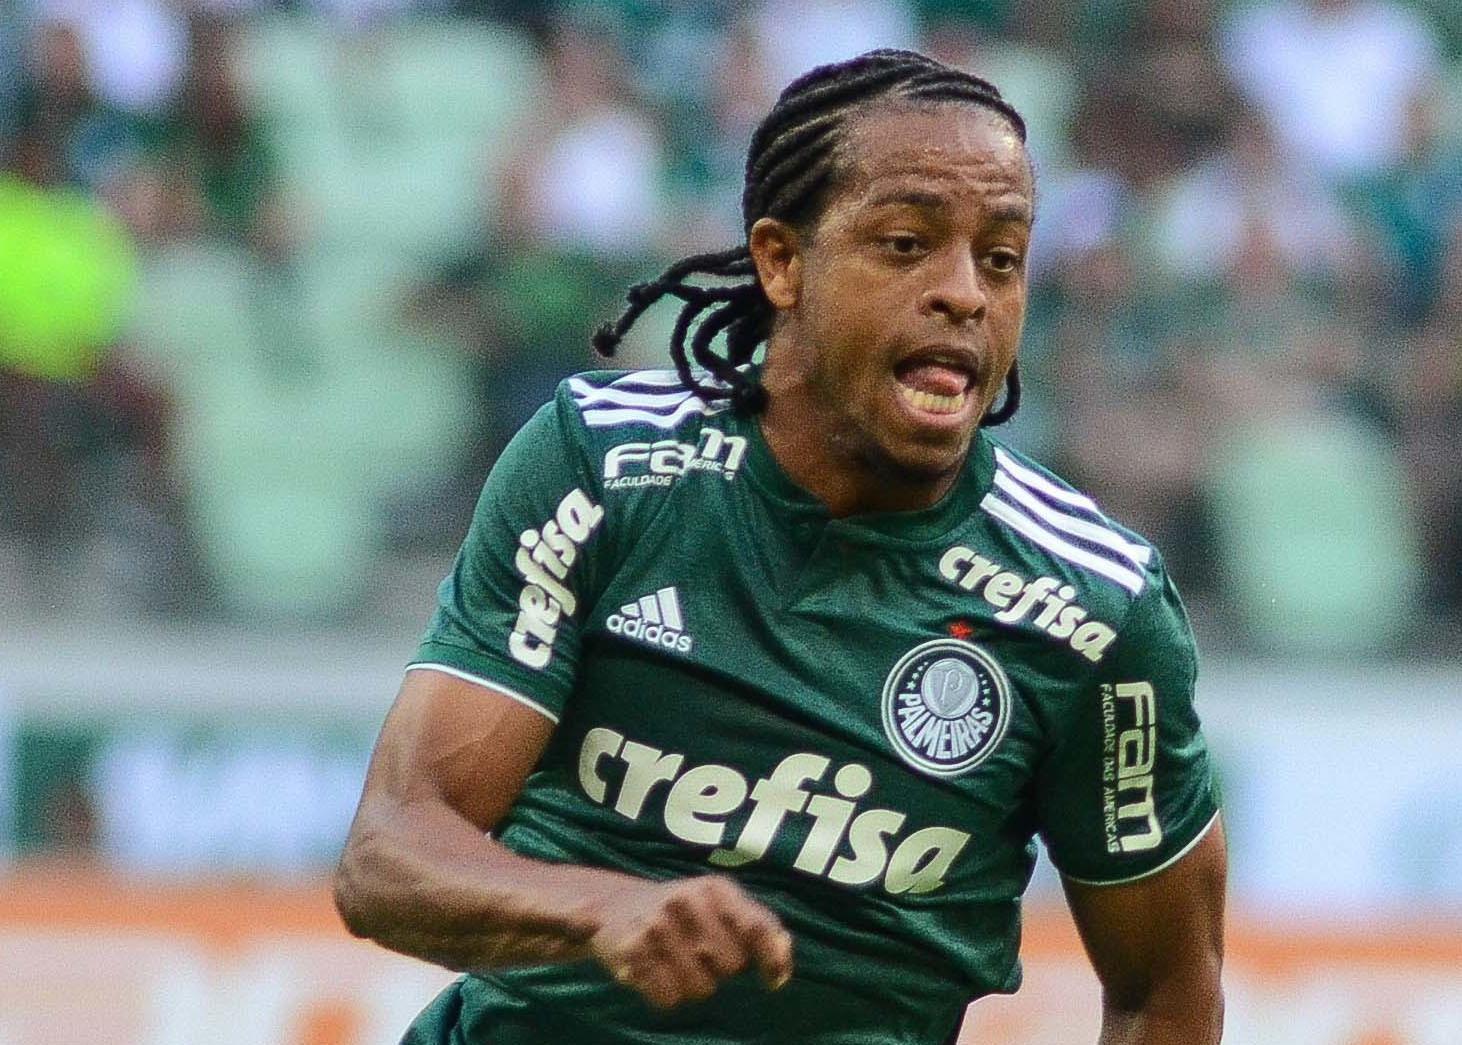 Atacante Keno, sonho de vários clubes brasileiros, assina com o Atlético Mineiro